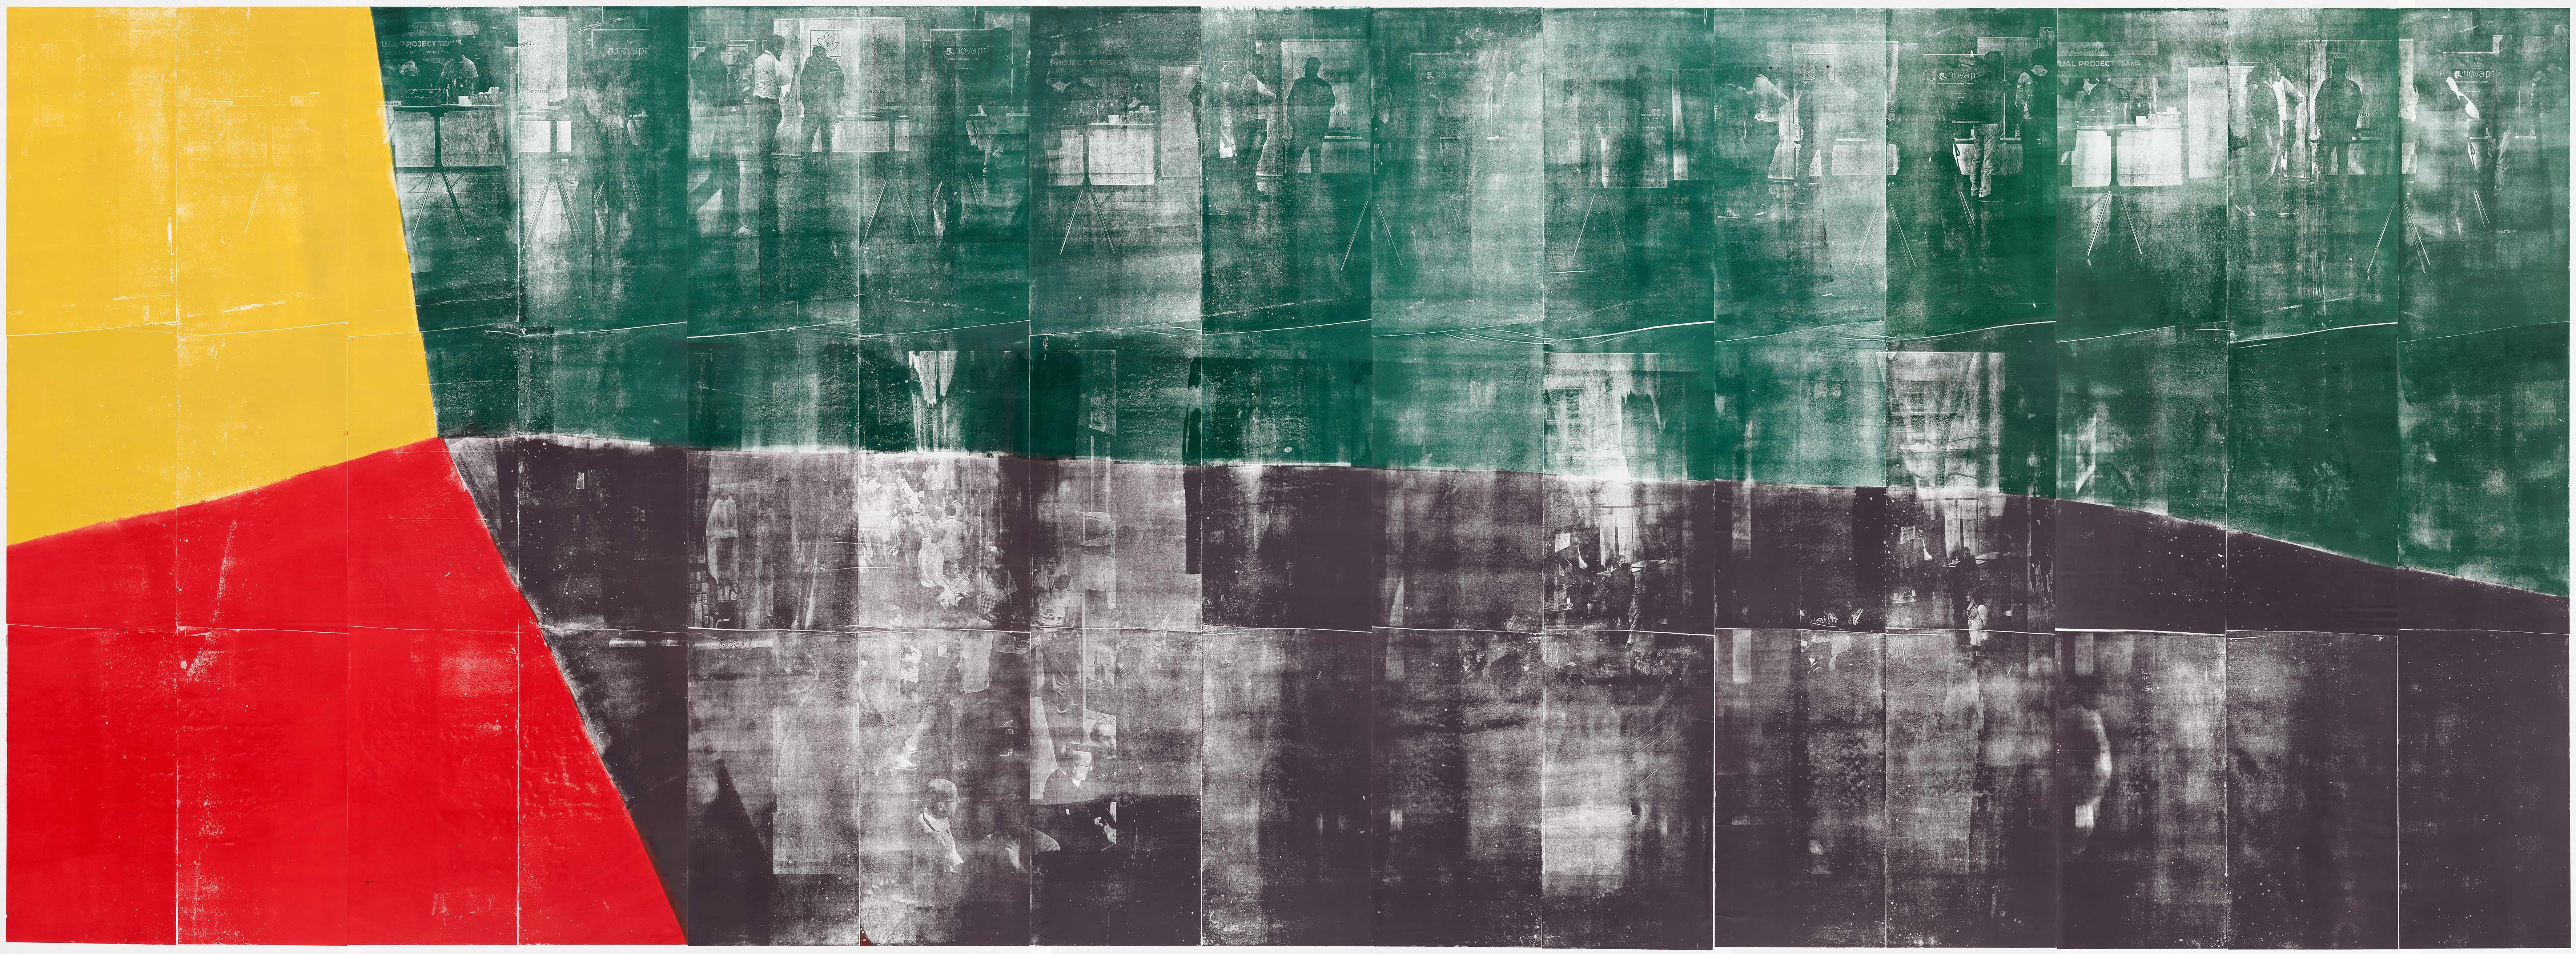 Farbkreis 1 Kunstwerk